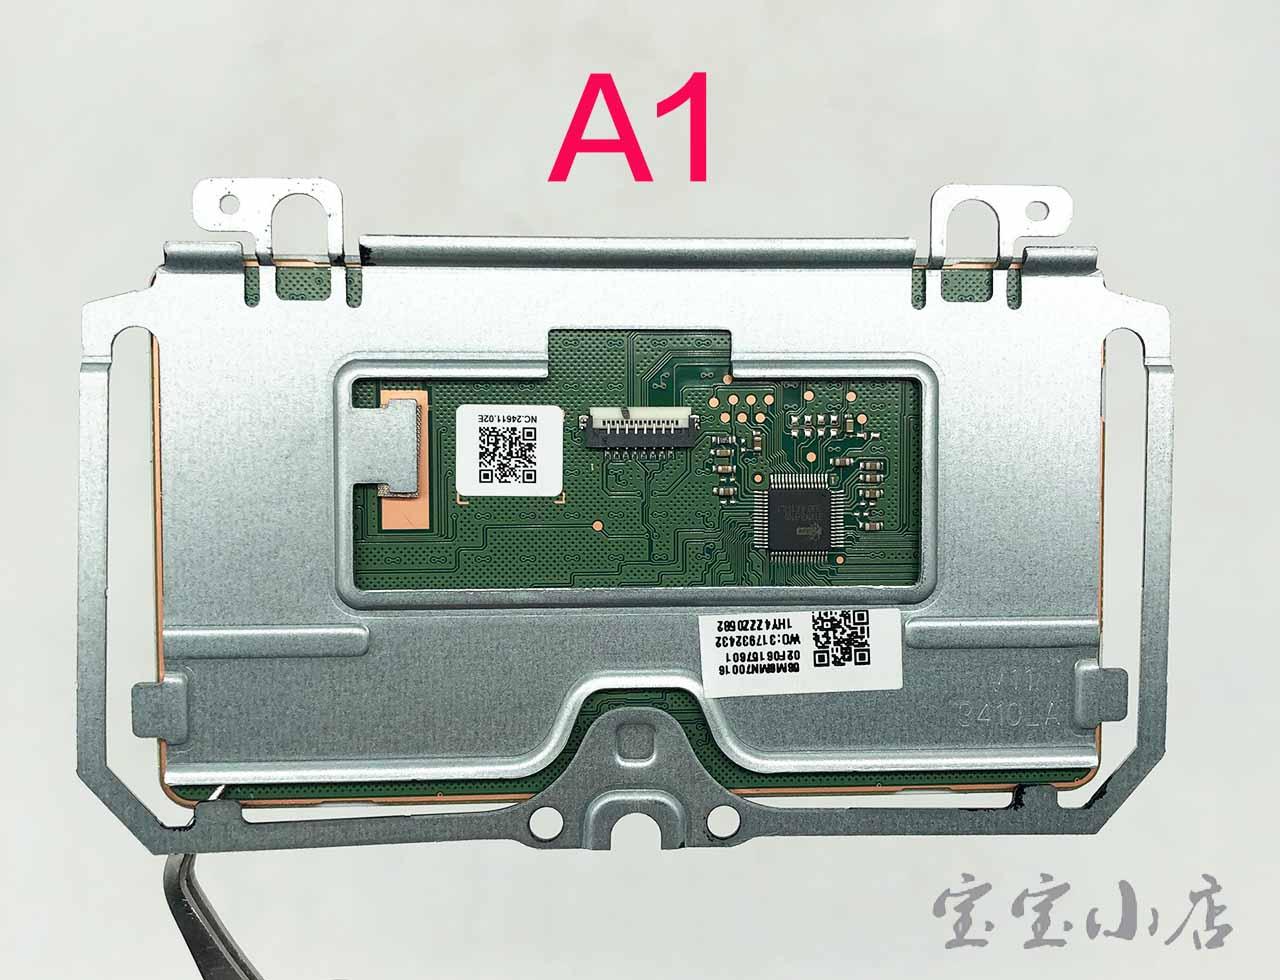 宏基Acer 触摸板 56.MZUN1.005 Synaptics TMP2991 NC.24611.02E,1HY4ZZZ0582 56.G12N1.003 touchpad